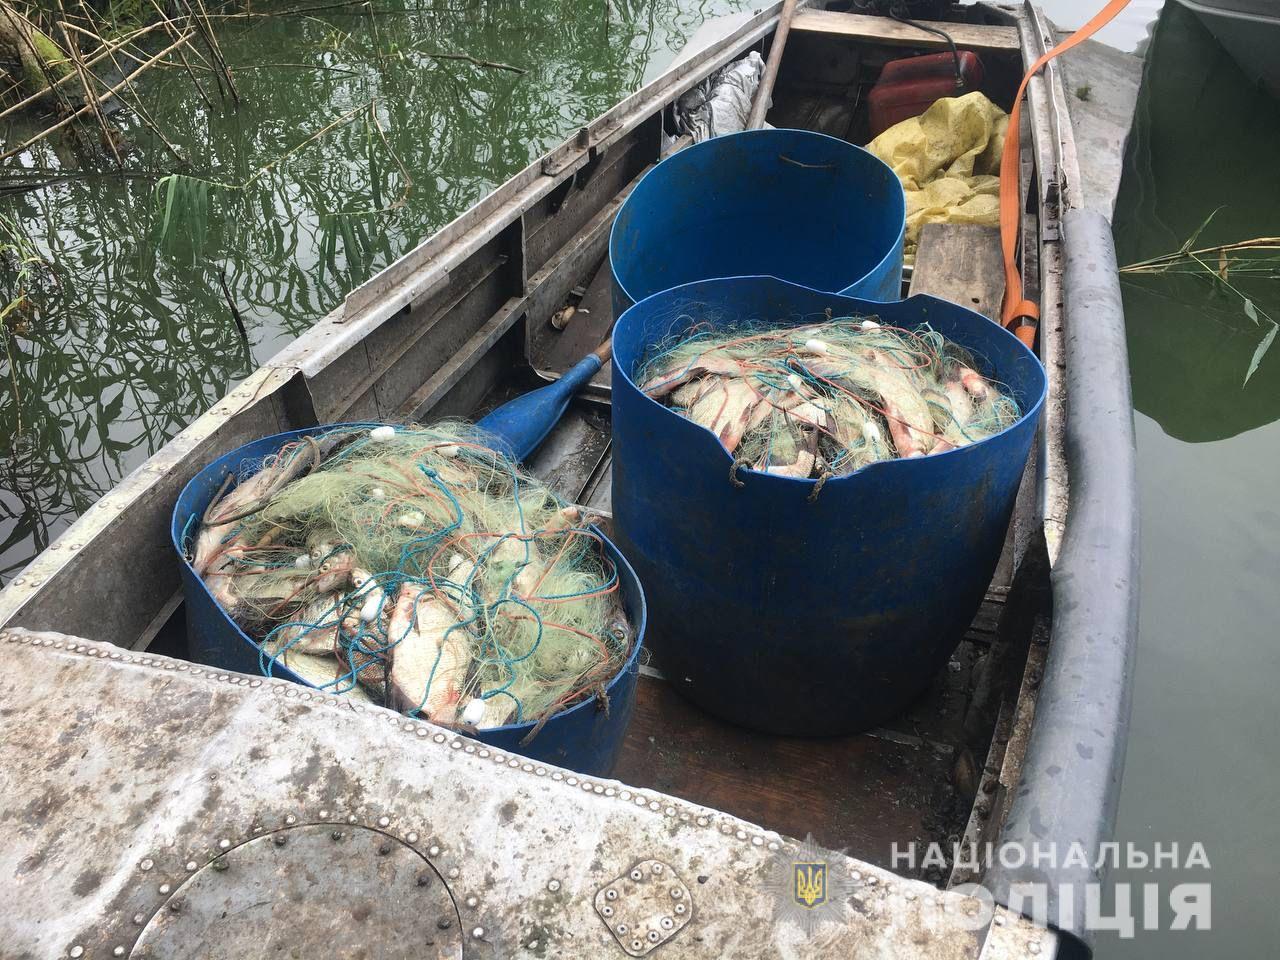 На Харьковщине на браконьера, который выловил сетями 77 кг рыбы, завели уголовное дело - фото 1